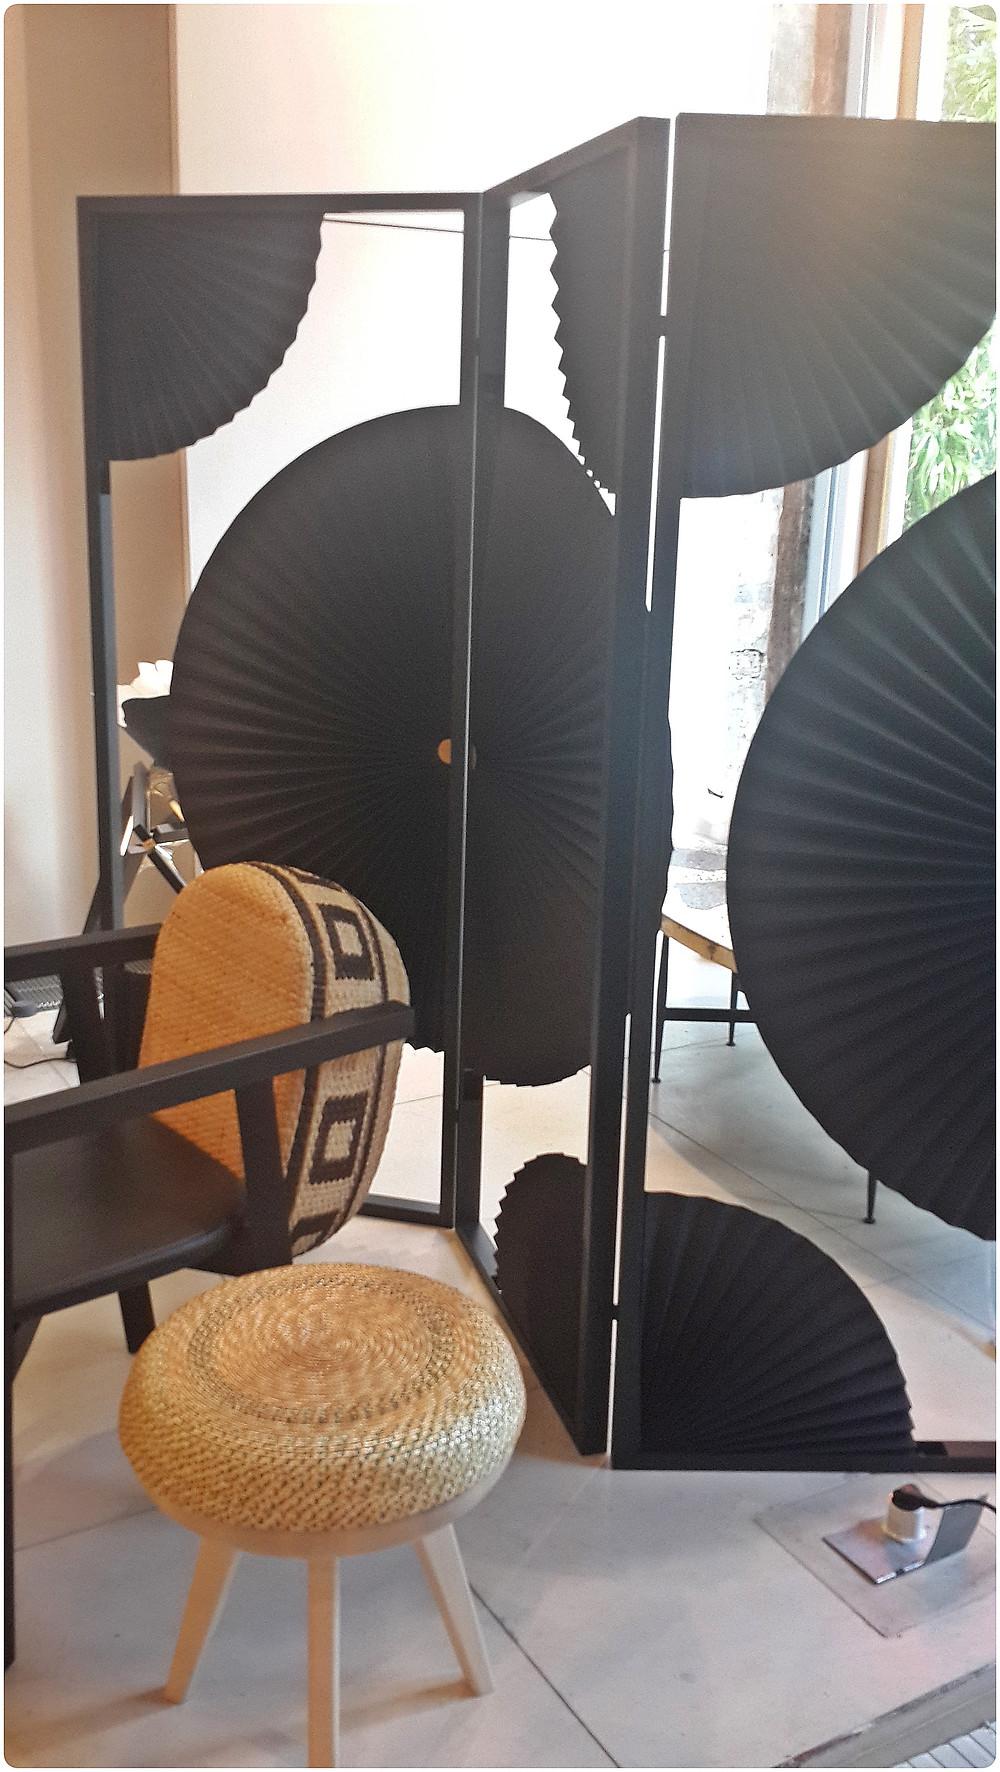 מחיצה בהשראה יפנית  תערוכת העיצוב בלונדון צילום ועריכה: רויטל רודצקי עיצוב פנים והום סטיילינג